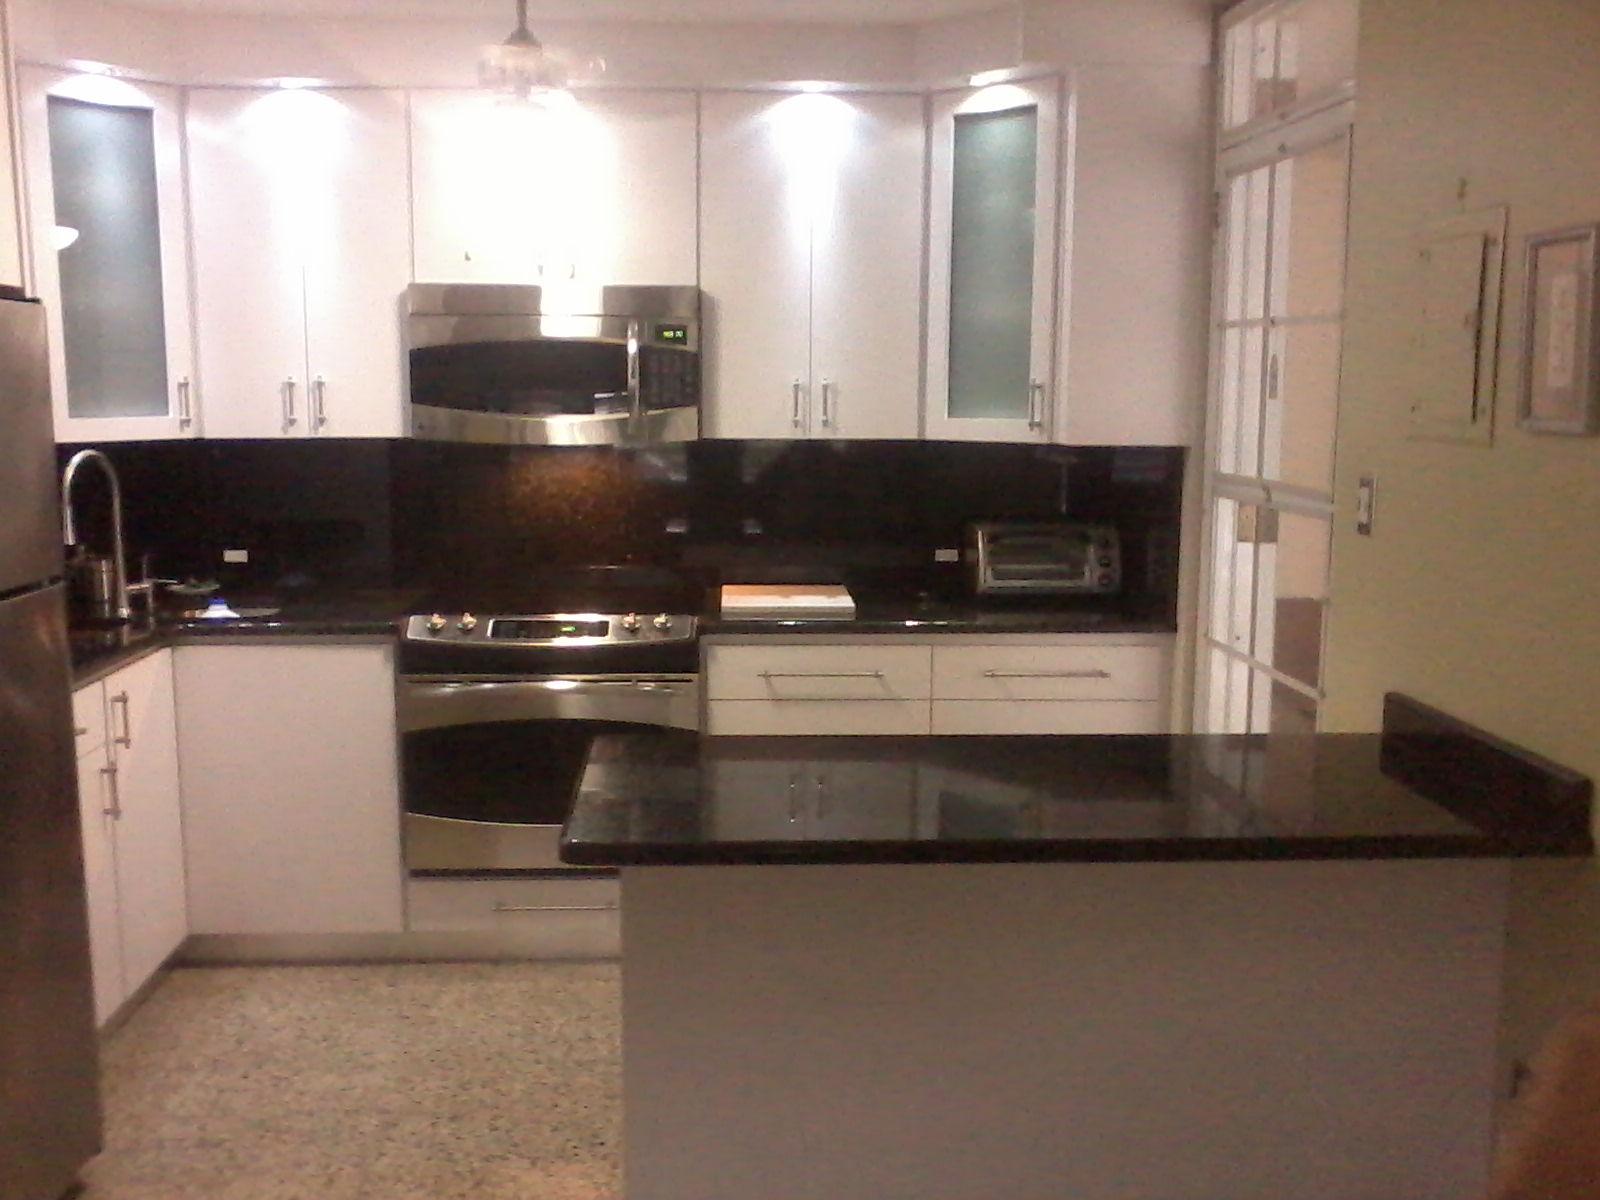 Ebanisteriasammy cocina en madera caoba laminada de color for Cocinas con granito negro